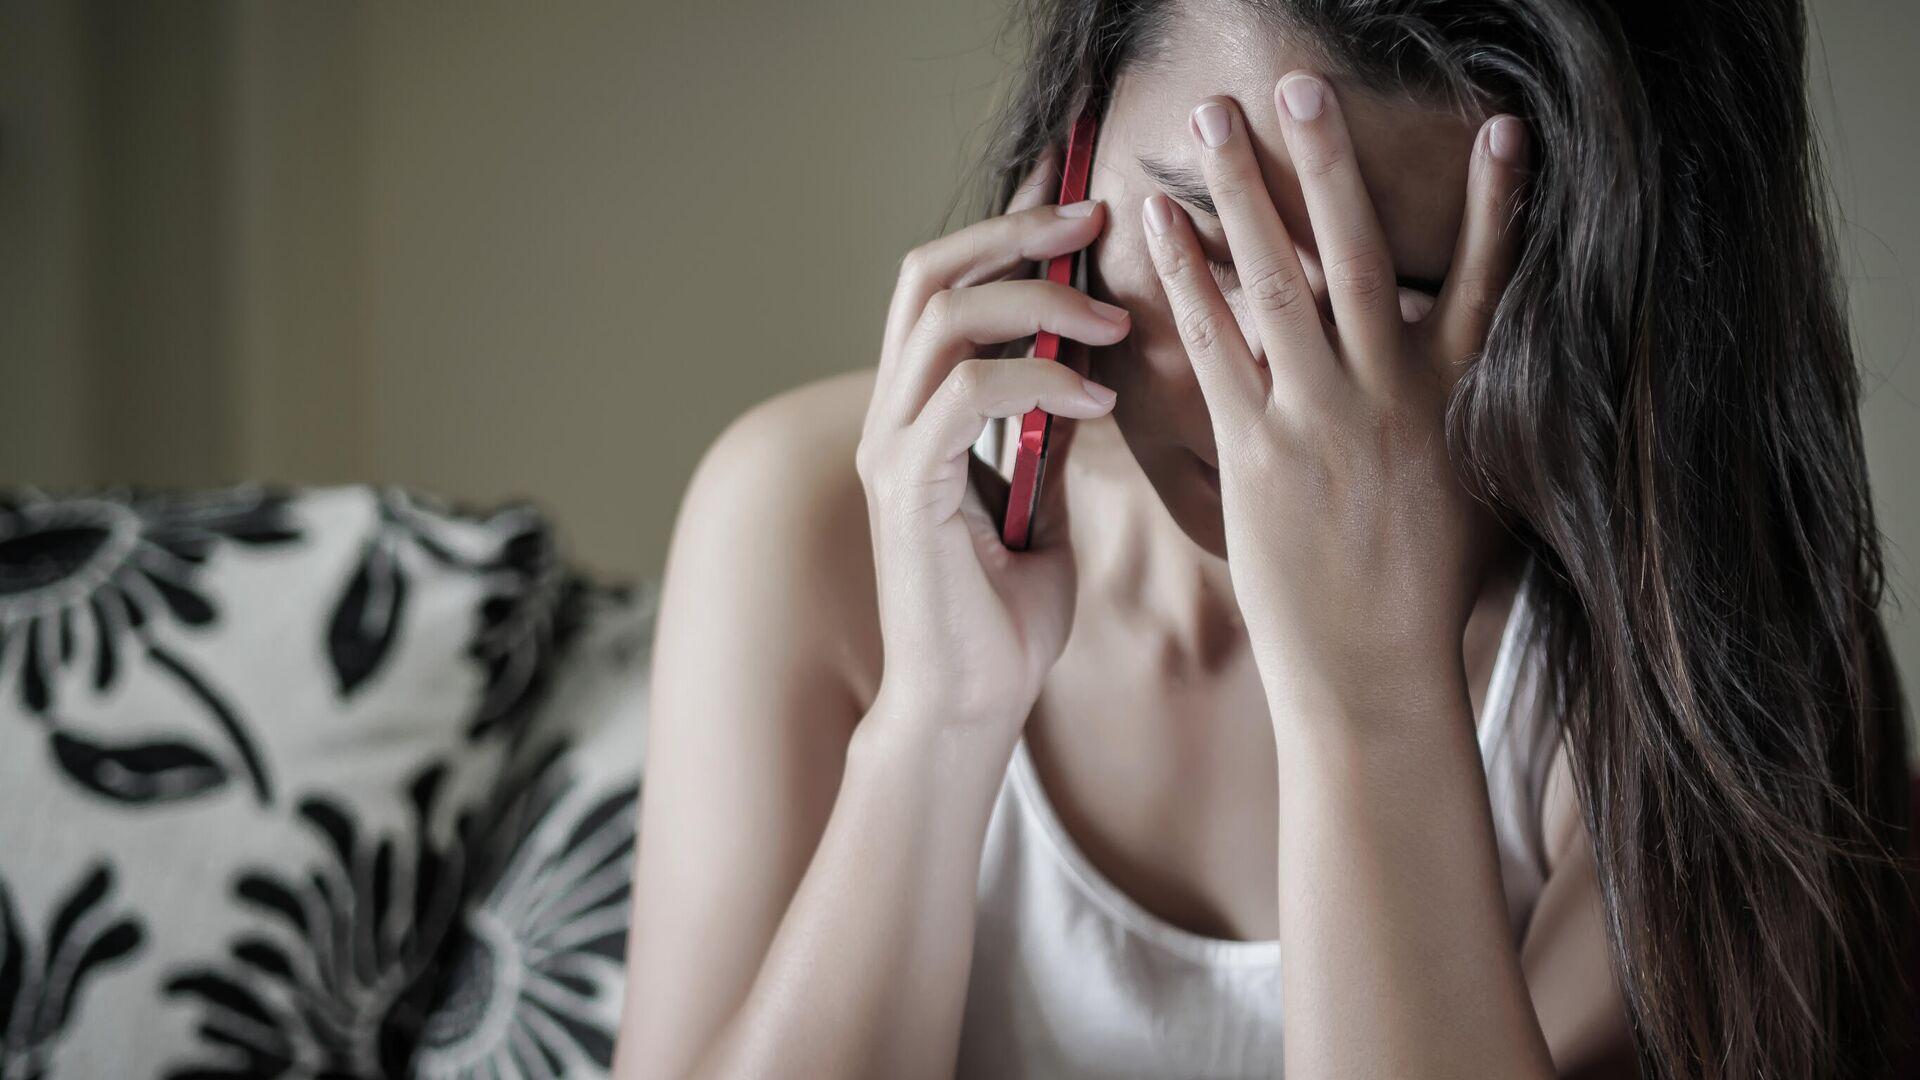 Телефонные мошенники стали чаще притворяться сотрудниками органов